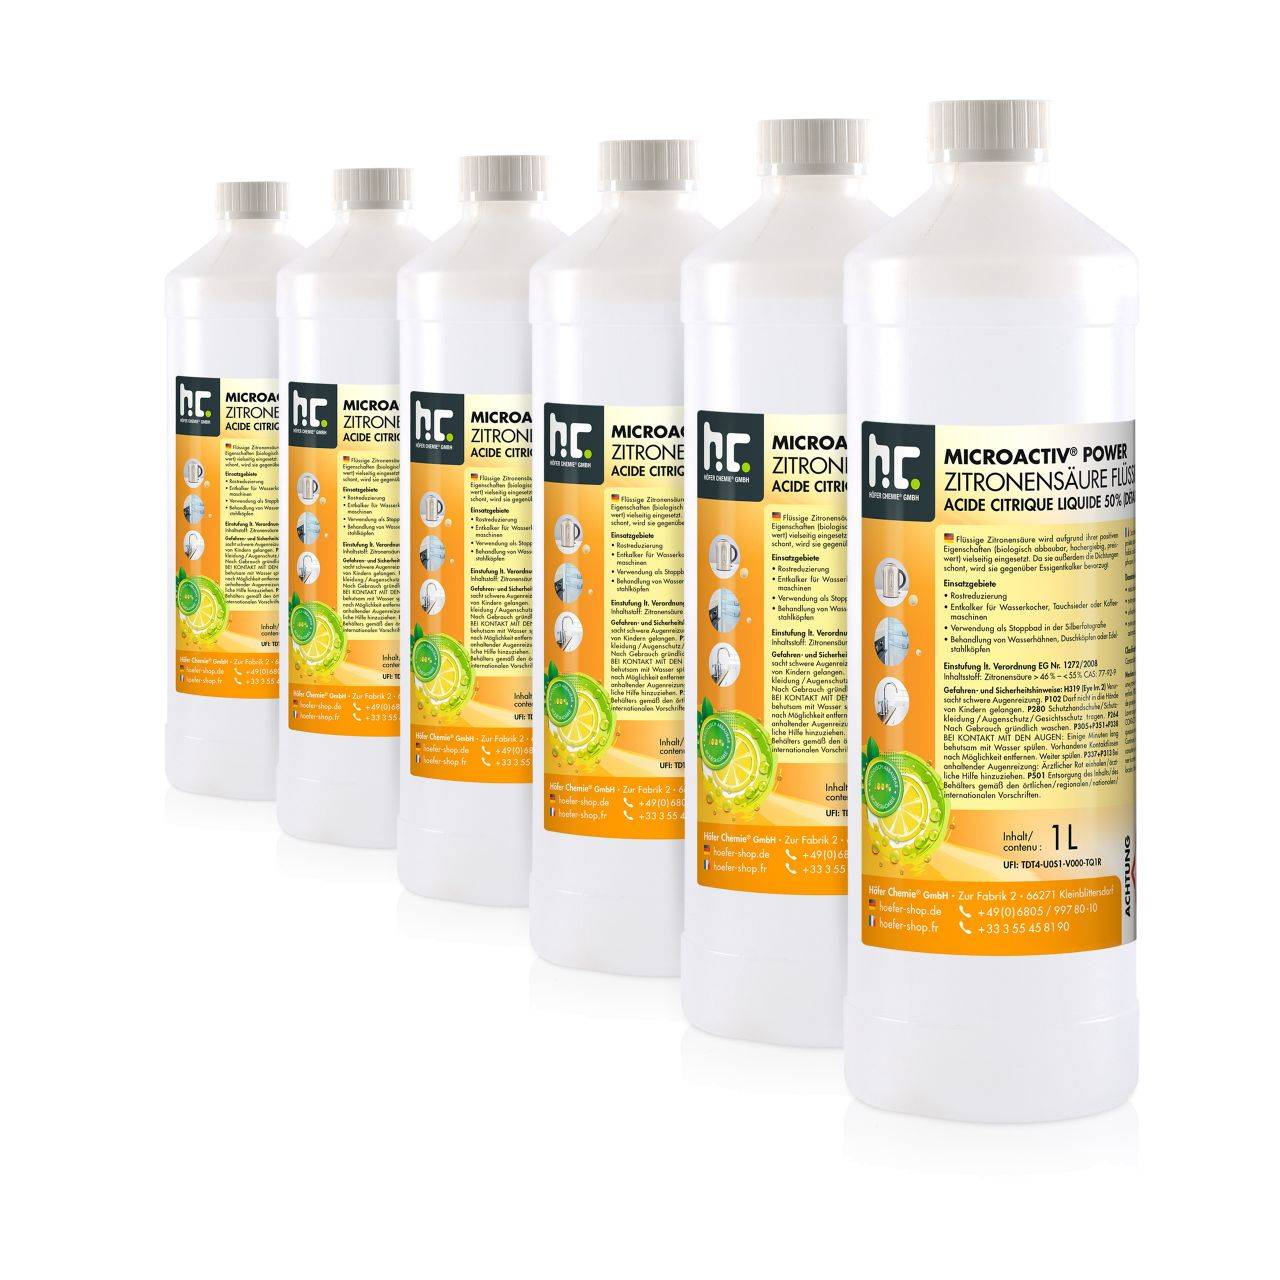 Höfer Chemie 15 l Acide Citrique Liquide 50% (15 x 1 l)